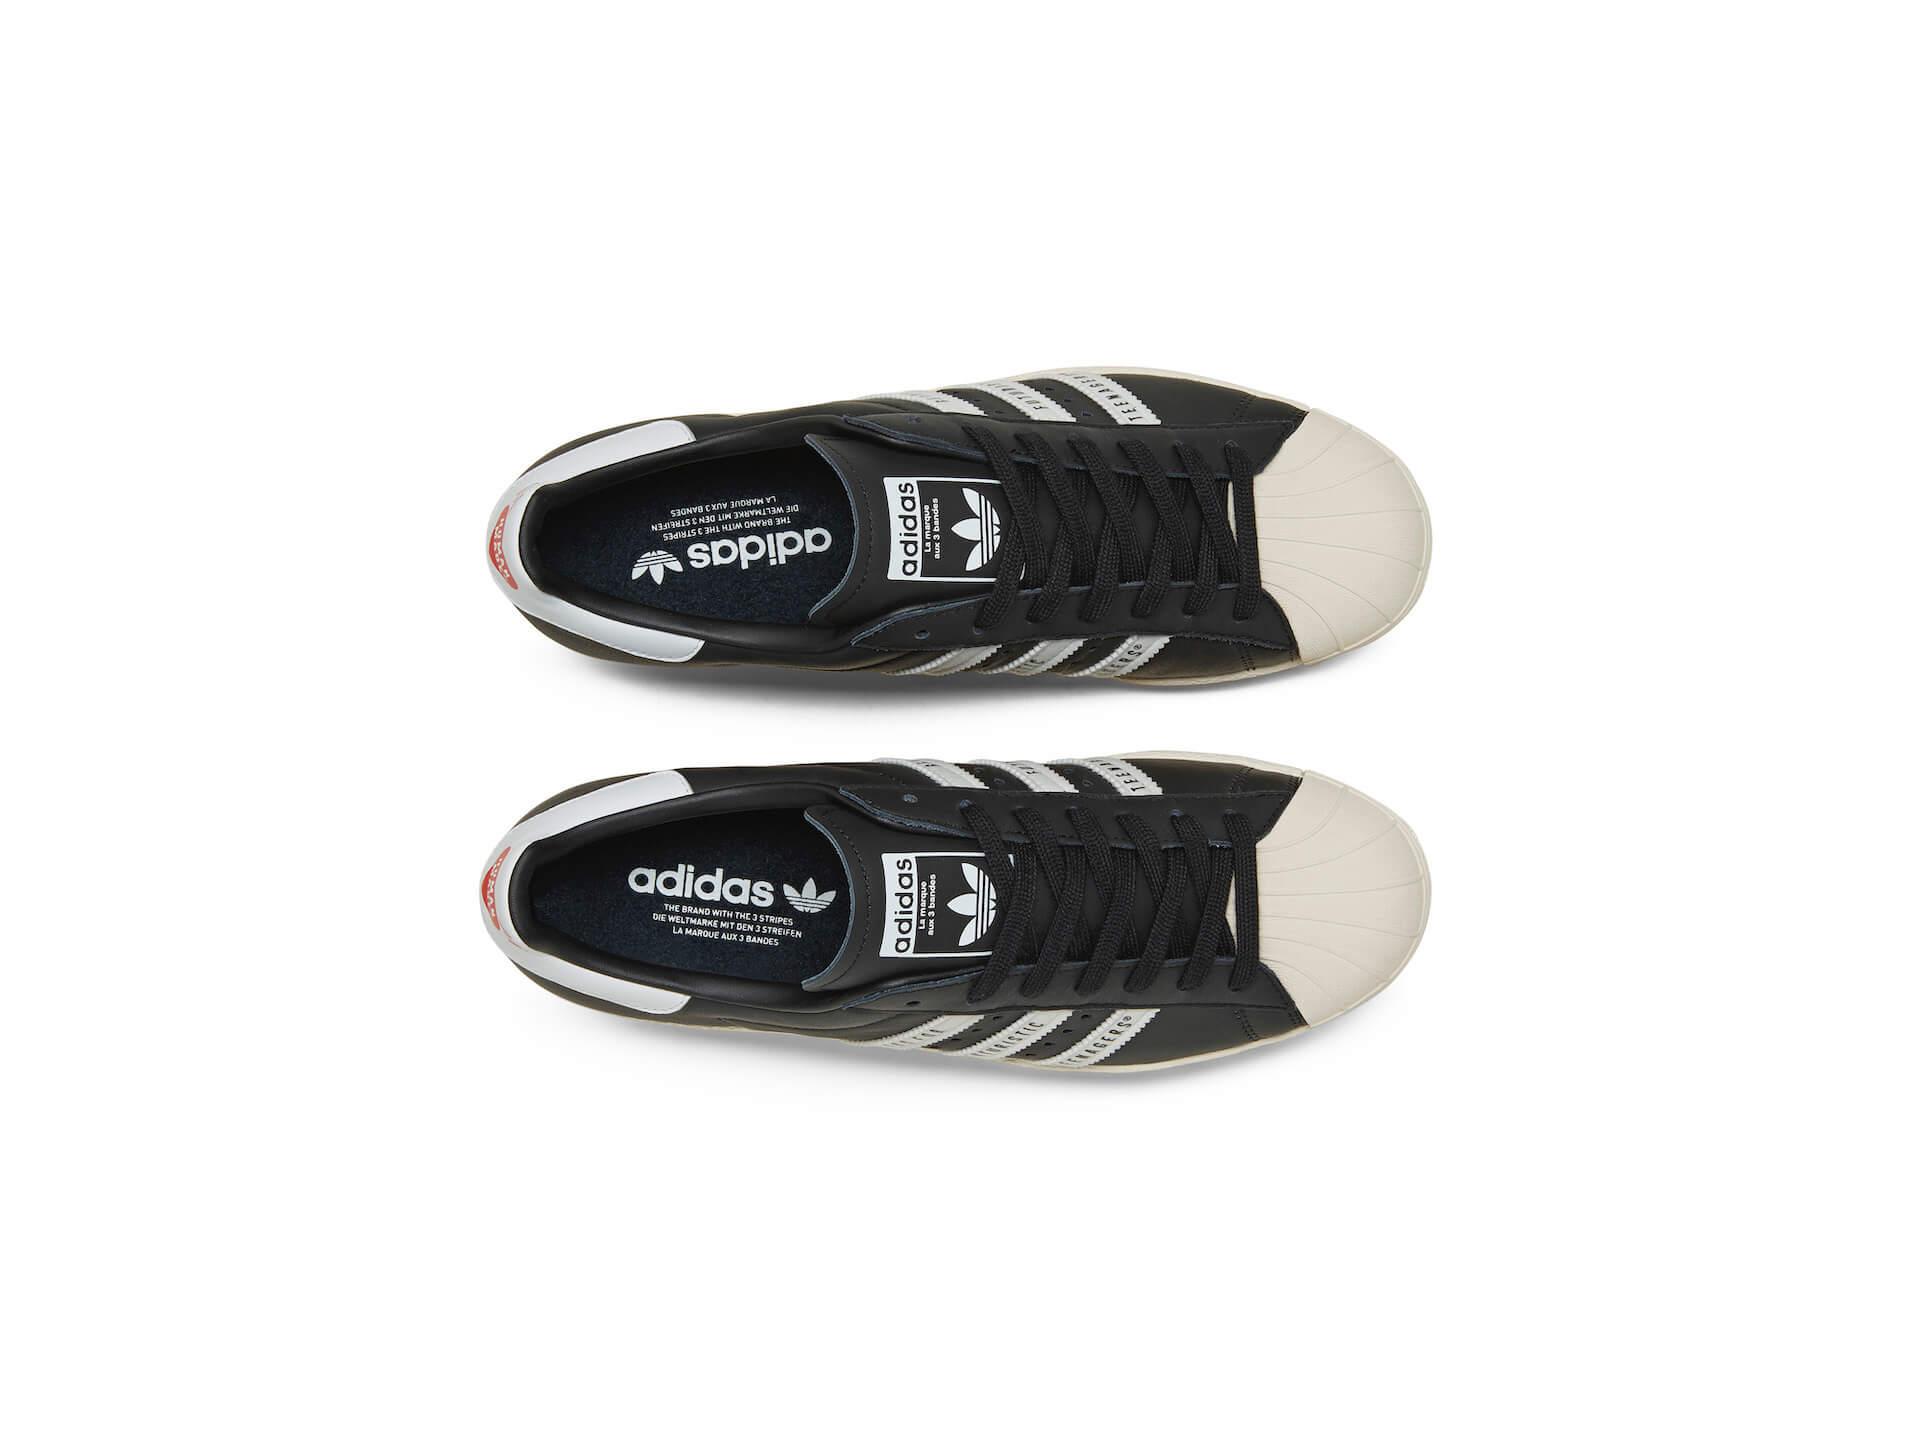 adidas OriginalsとNIGOがコラボ!ハートロゴがあしらわれた『SUPERSTAR』が発売 lf200417_adidashumanmade_16